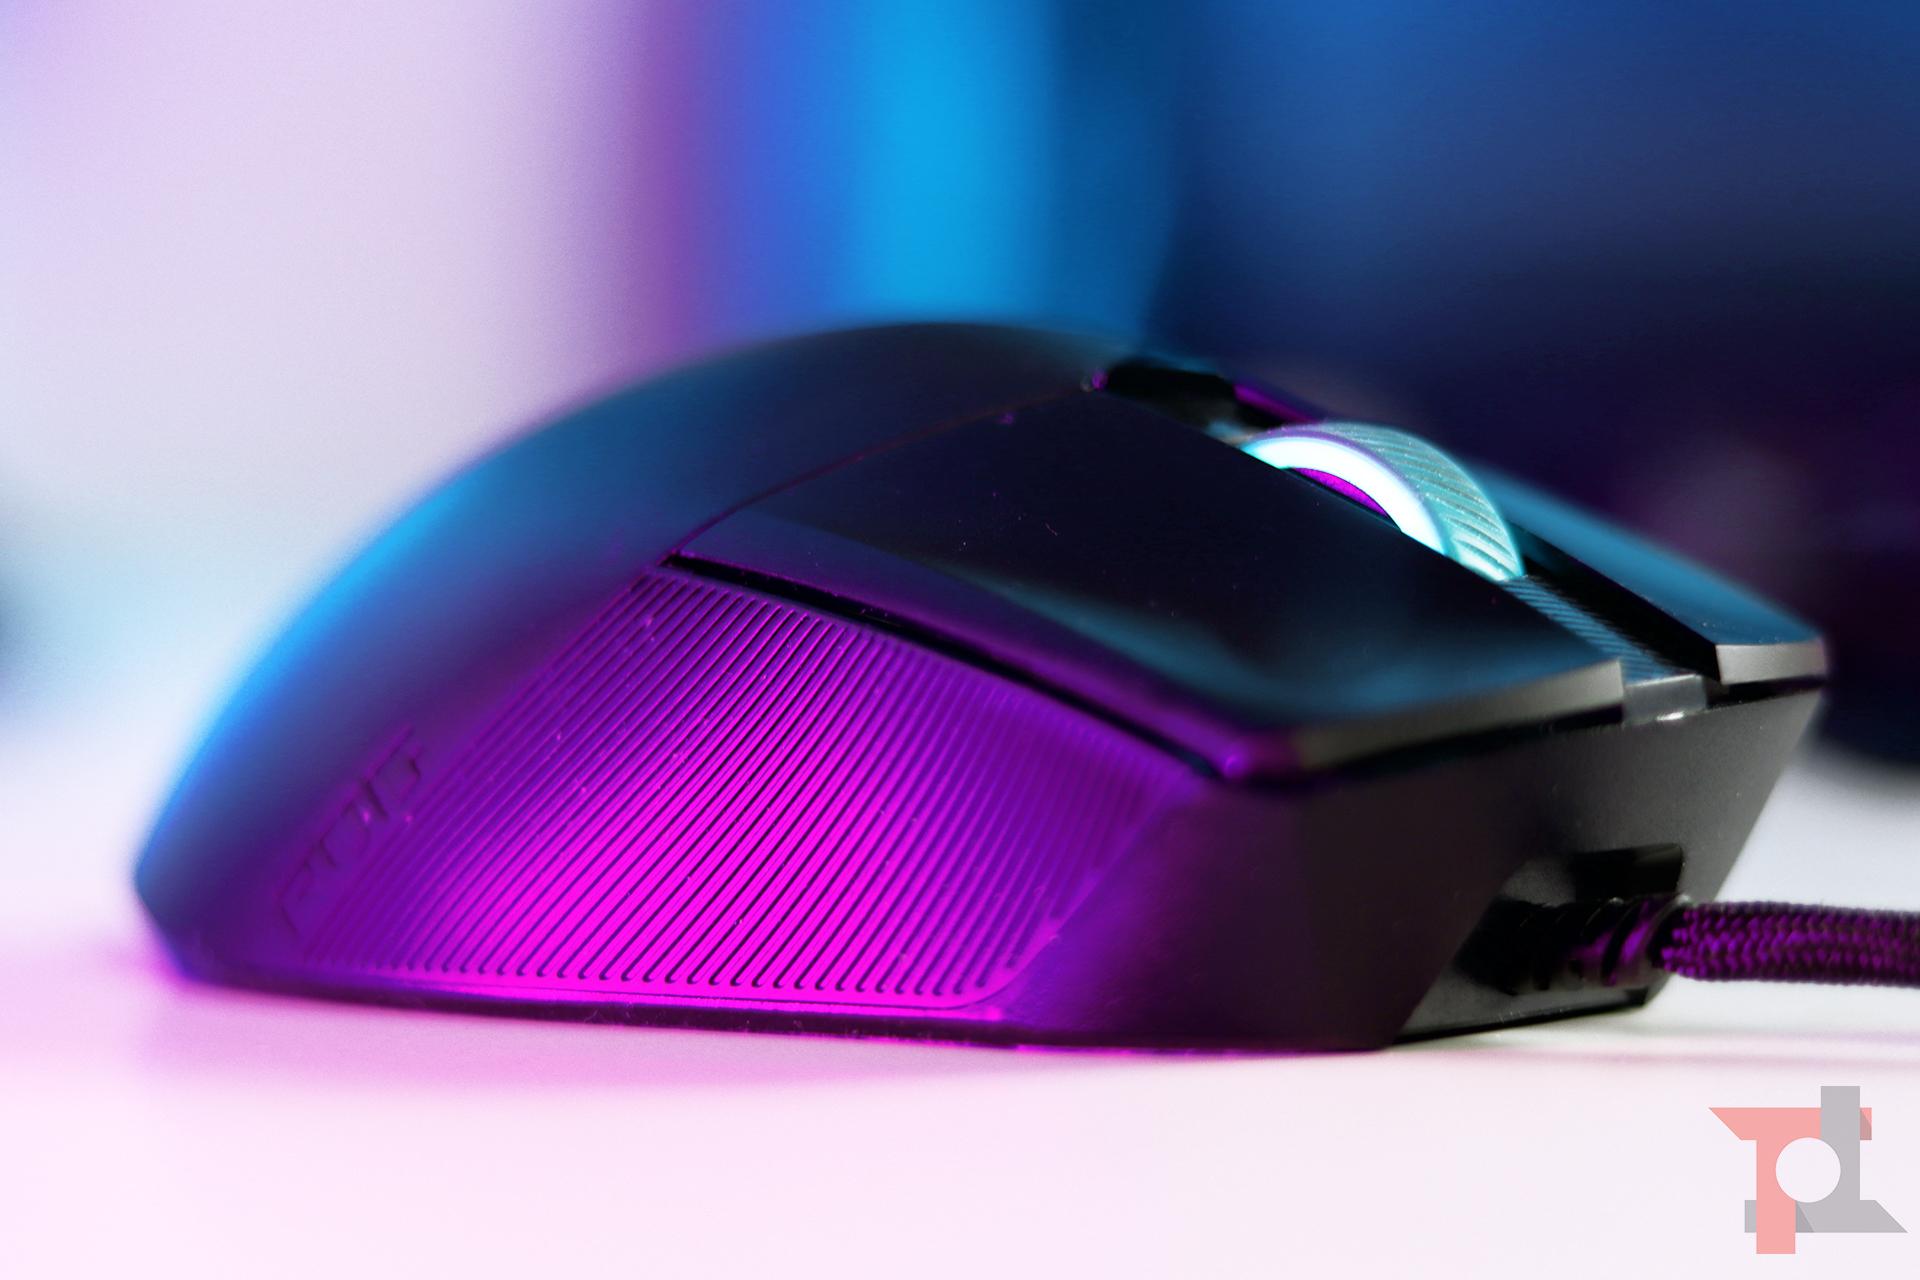 Recensione ASUS ROG Gladius III: il nuovo mouse gaming con switch sostituibili al volo 1